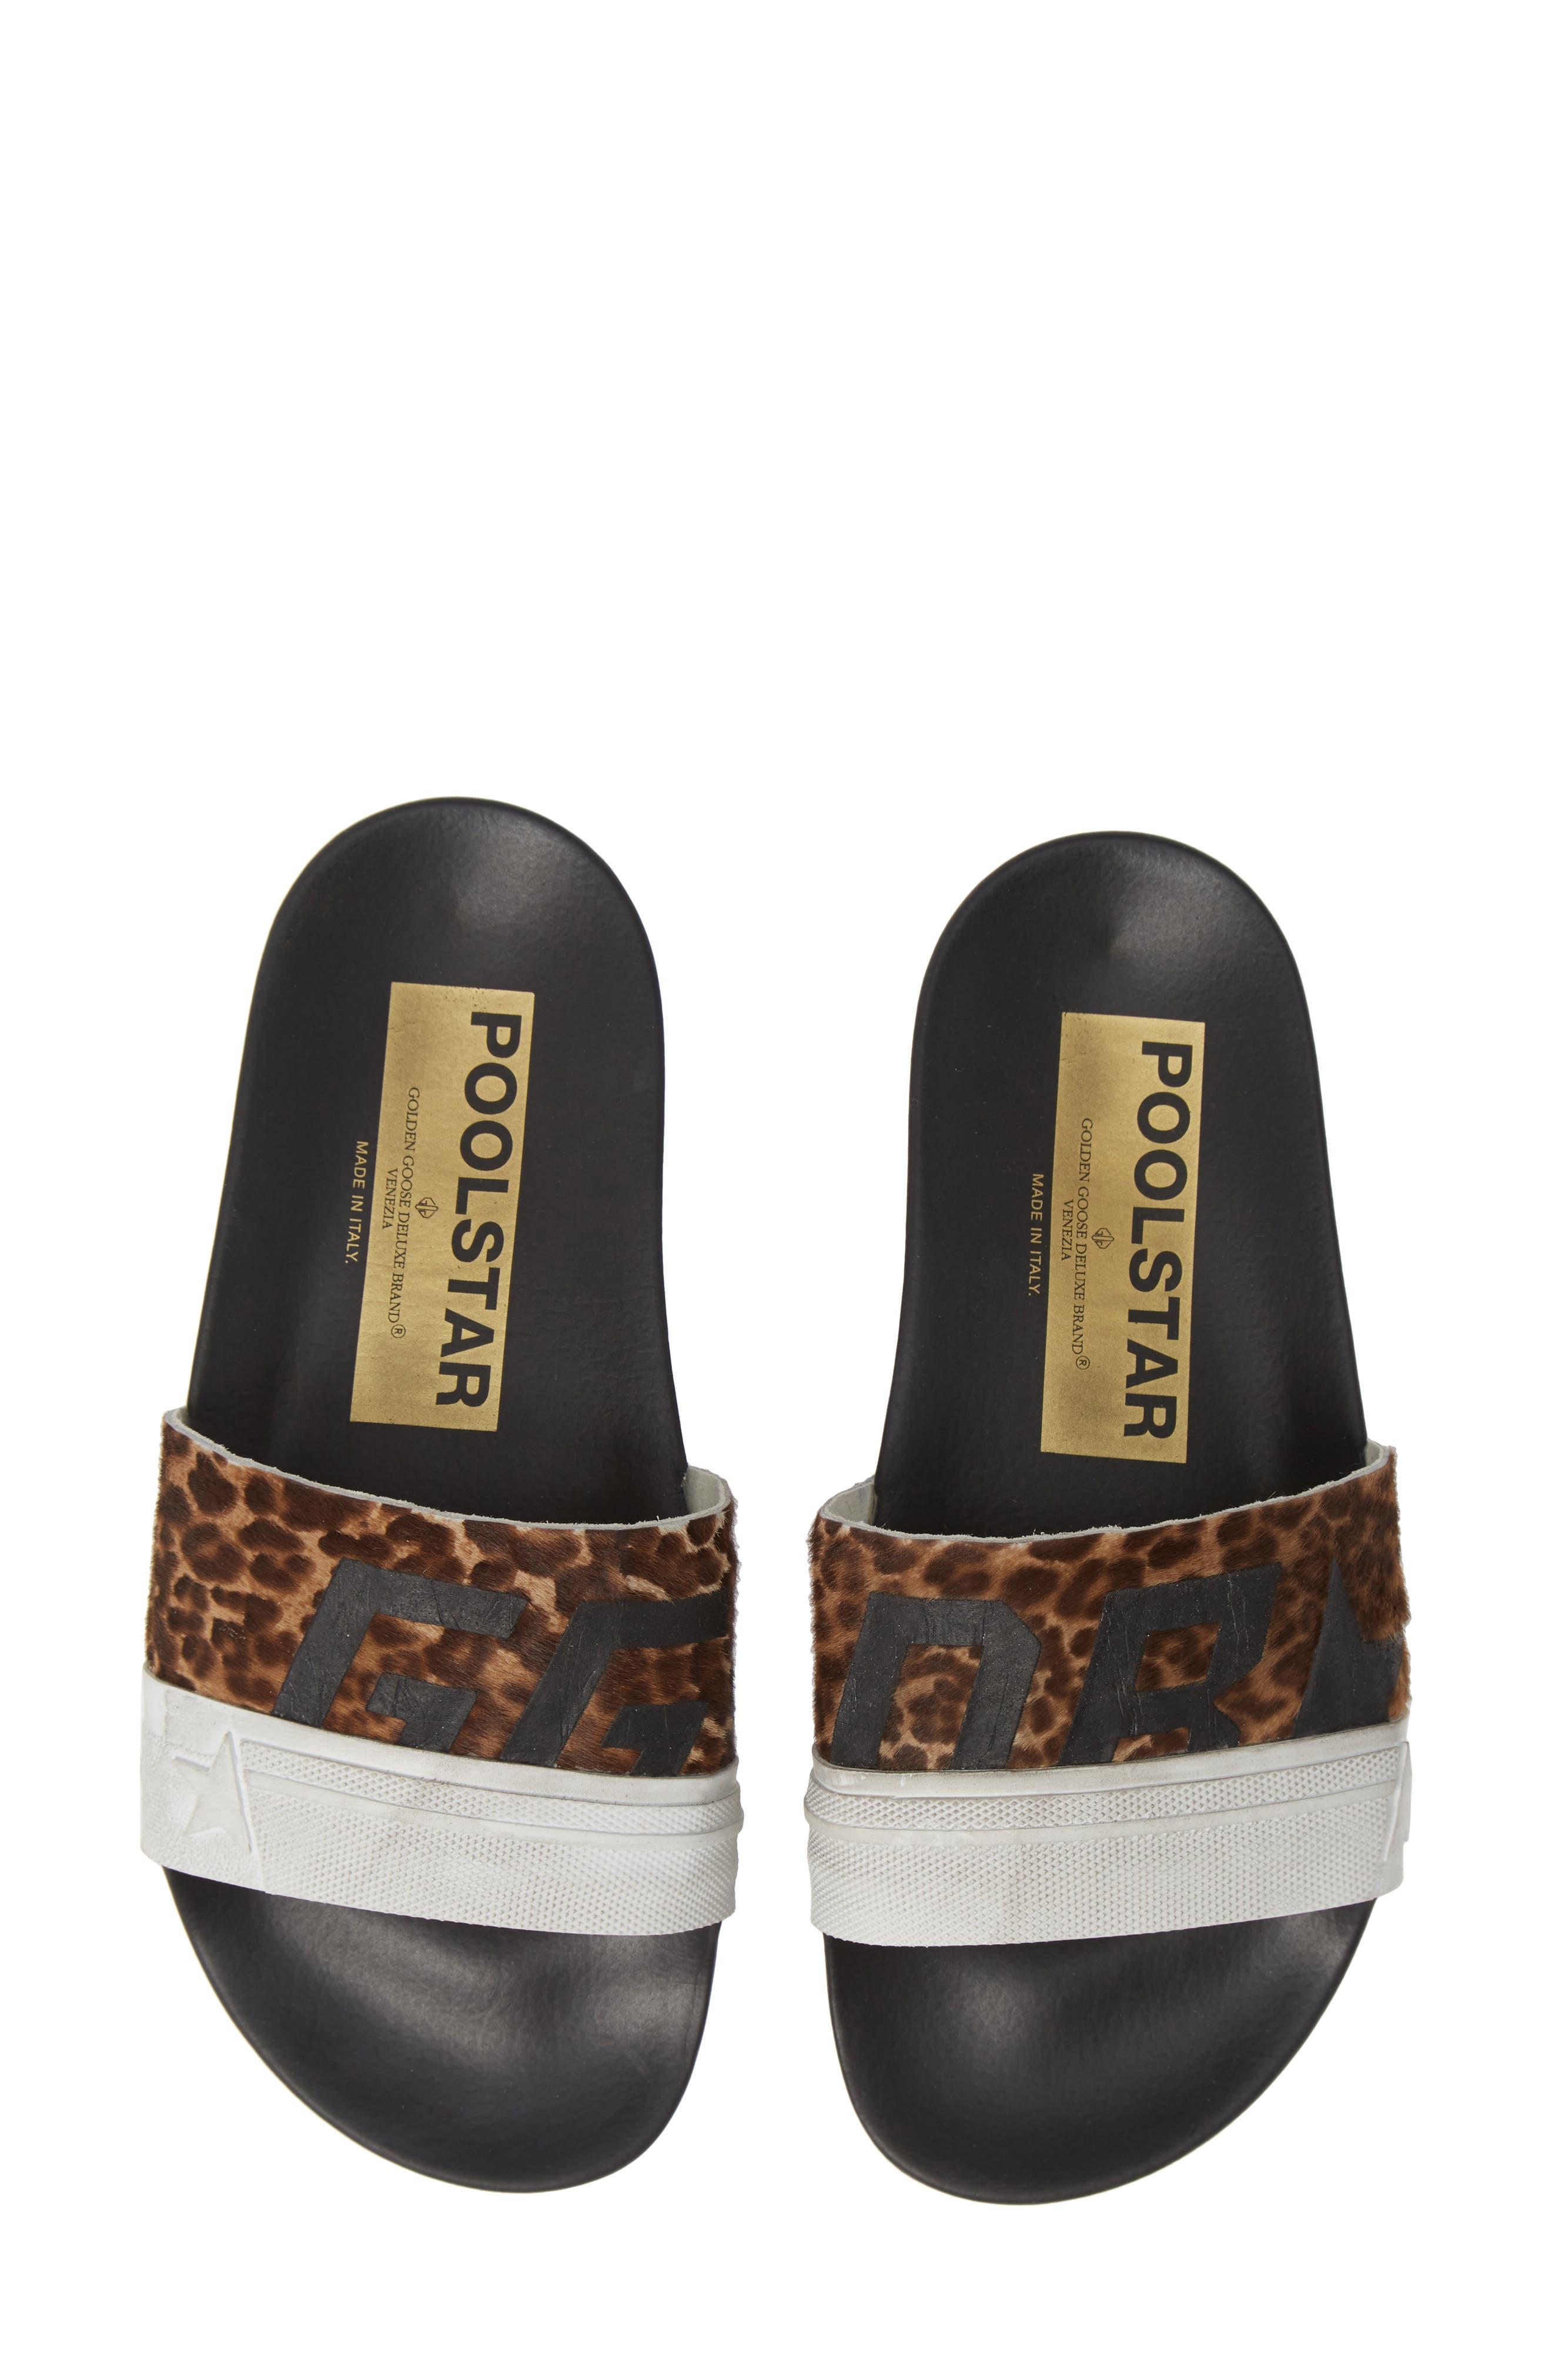 Golden Goose Leopard Poolstar Genuine Calf Hair Sport Slide (Women) (Nordstrom Exclusive)